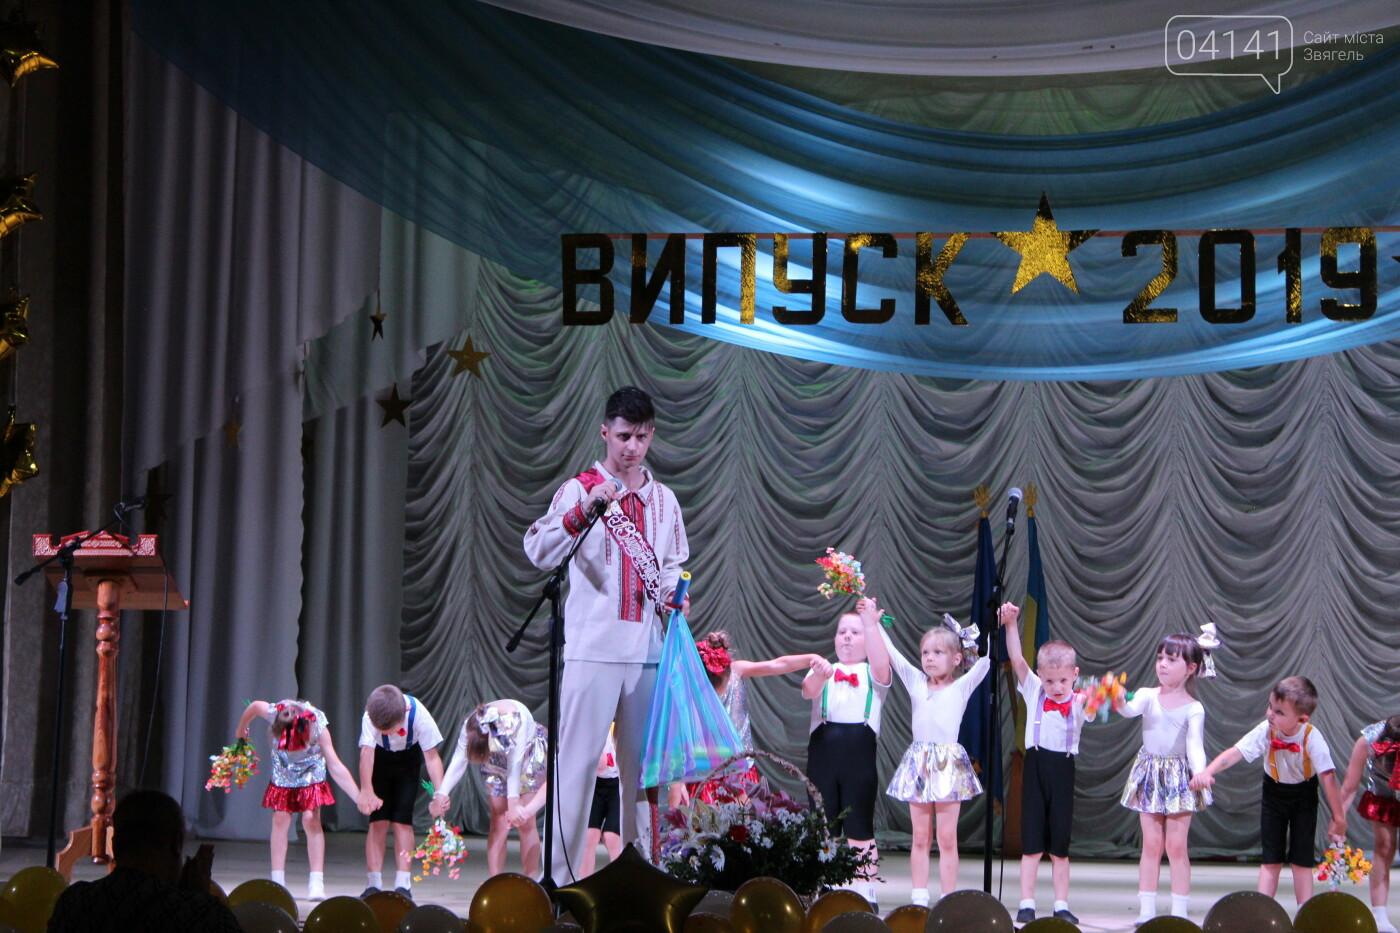 У Новограді-Волинському відбувся випуск студентів професійного училища (ФОТО, ВІДЕО), фото-11